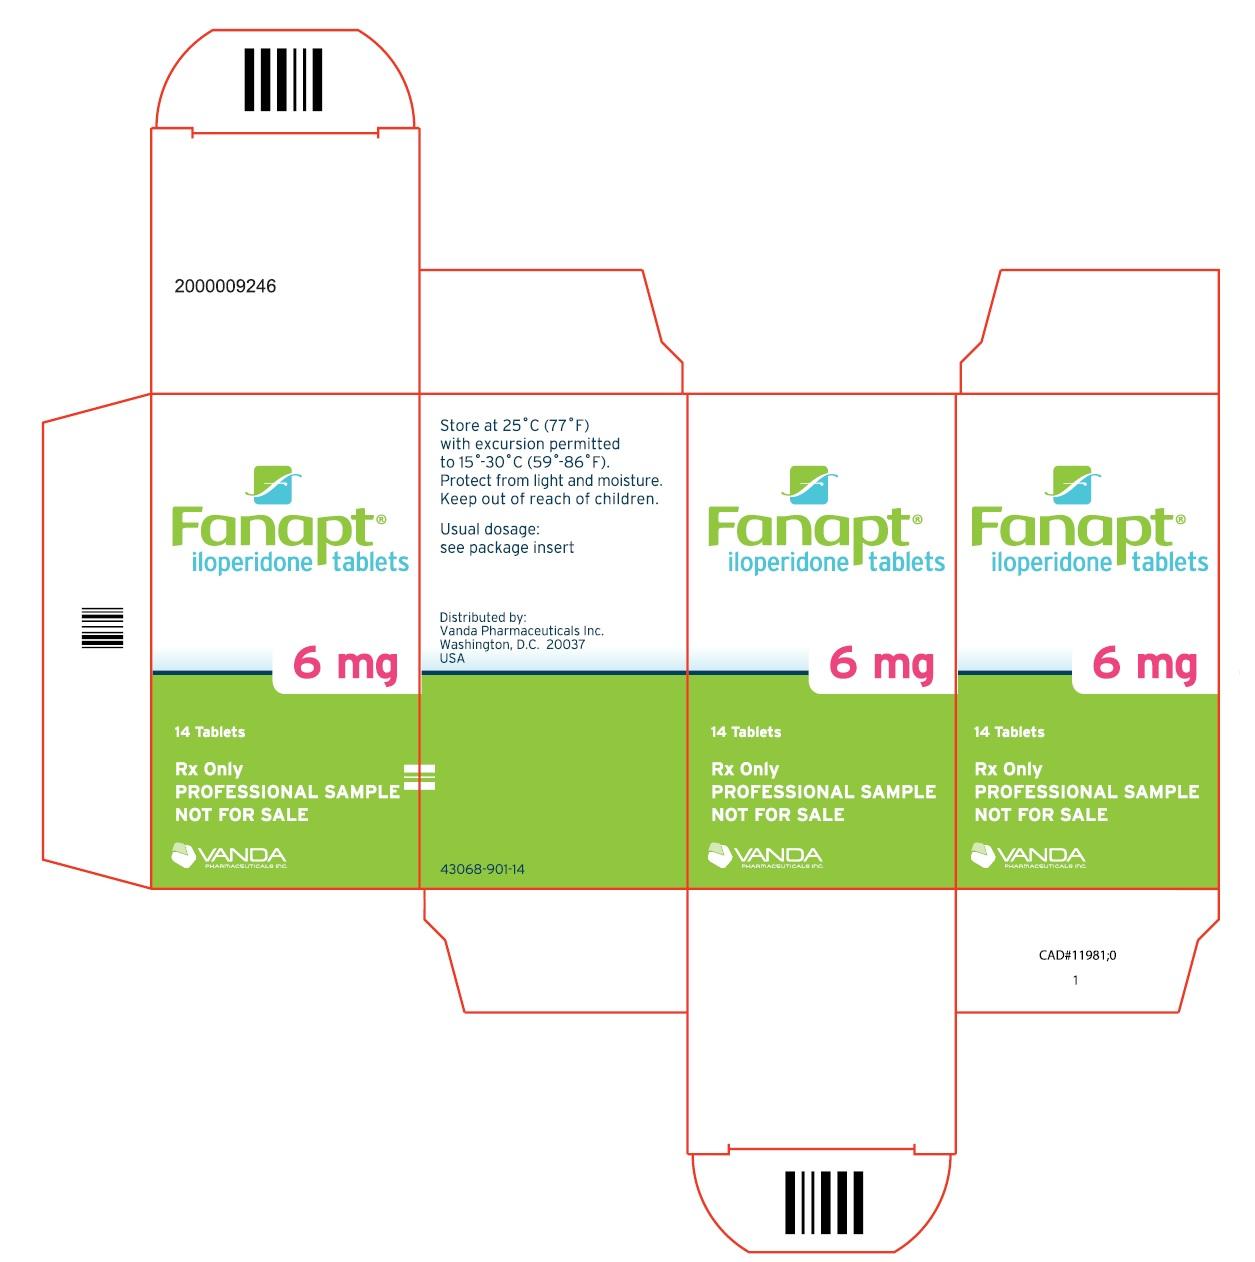 PRINCIPAL DISPLAY PANEL - 6mg bottle